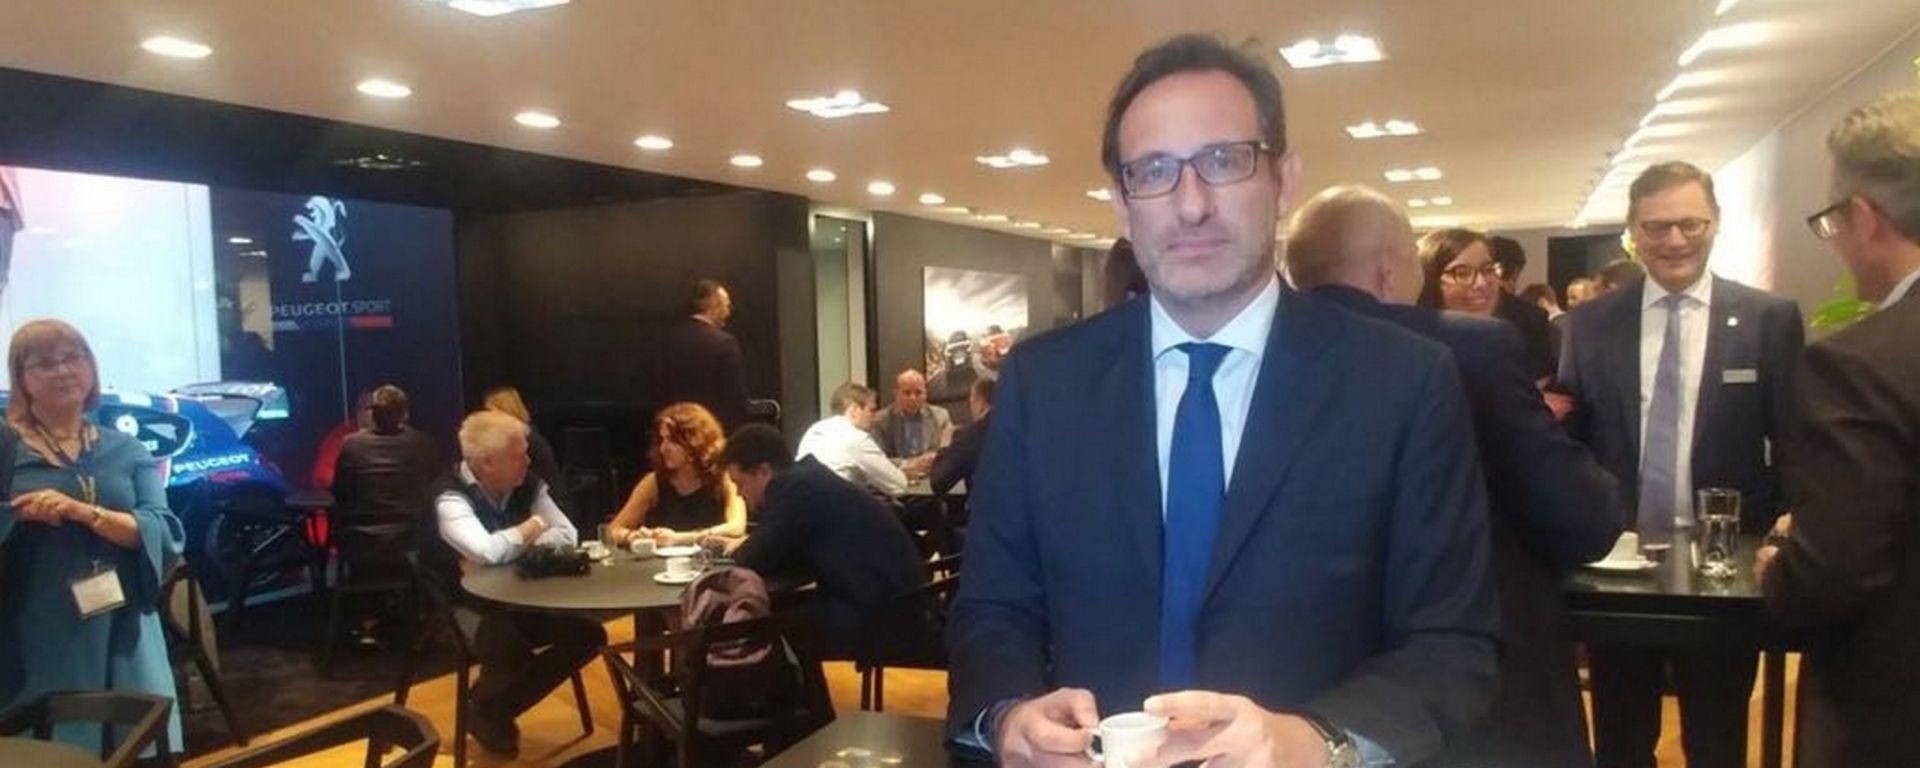 Carlo Leoni, Direttore Comunicazione e Relazioni Esterne Groupe PSA Italia